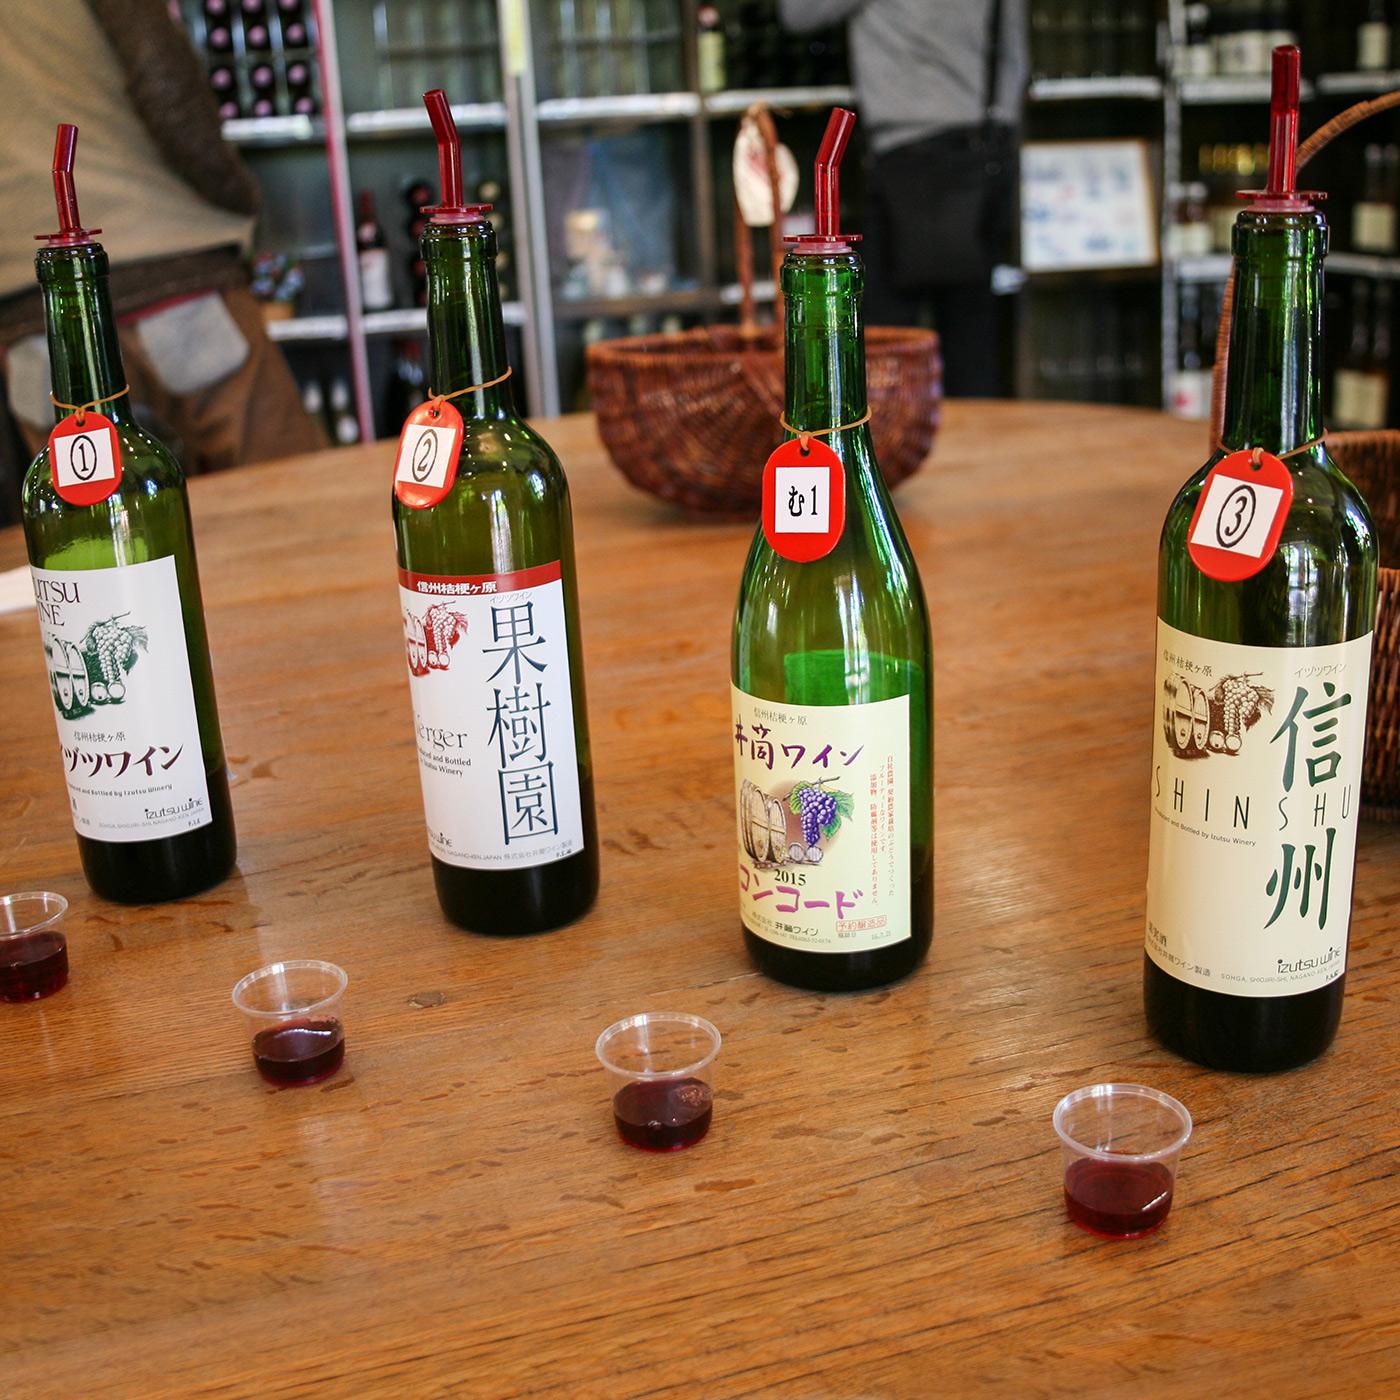 井筒ワインの主な赤ワイン。右から「信州 赤」(メルローを使用、1,433円)、「井筒無添加ワイン コンコード赤 甘口」(コンコードを使用、1,282円)、「ヴェルジェ 赤」(マスカットベリーAを使用、1,066円)、「スタンダード 赤」(コンコードを使用、958円)